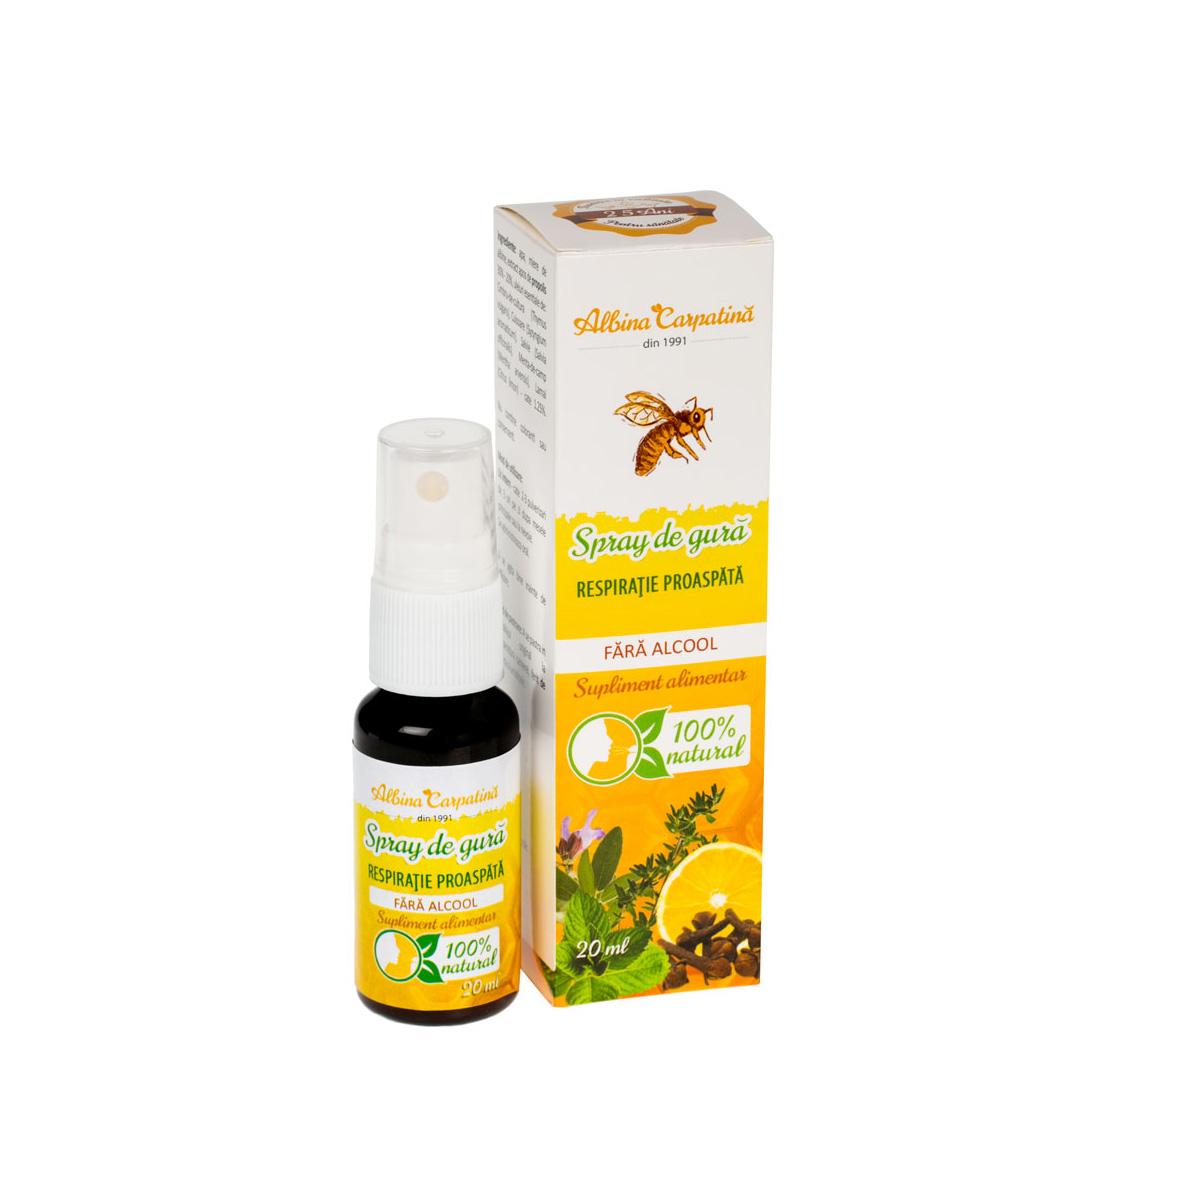 Spray de gură respirație proaspătă Albina Carpatină, 20 ml, Apicola Pastoral